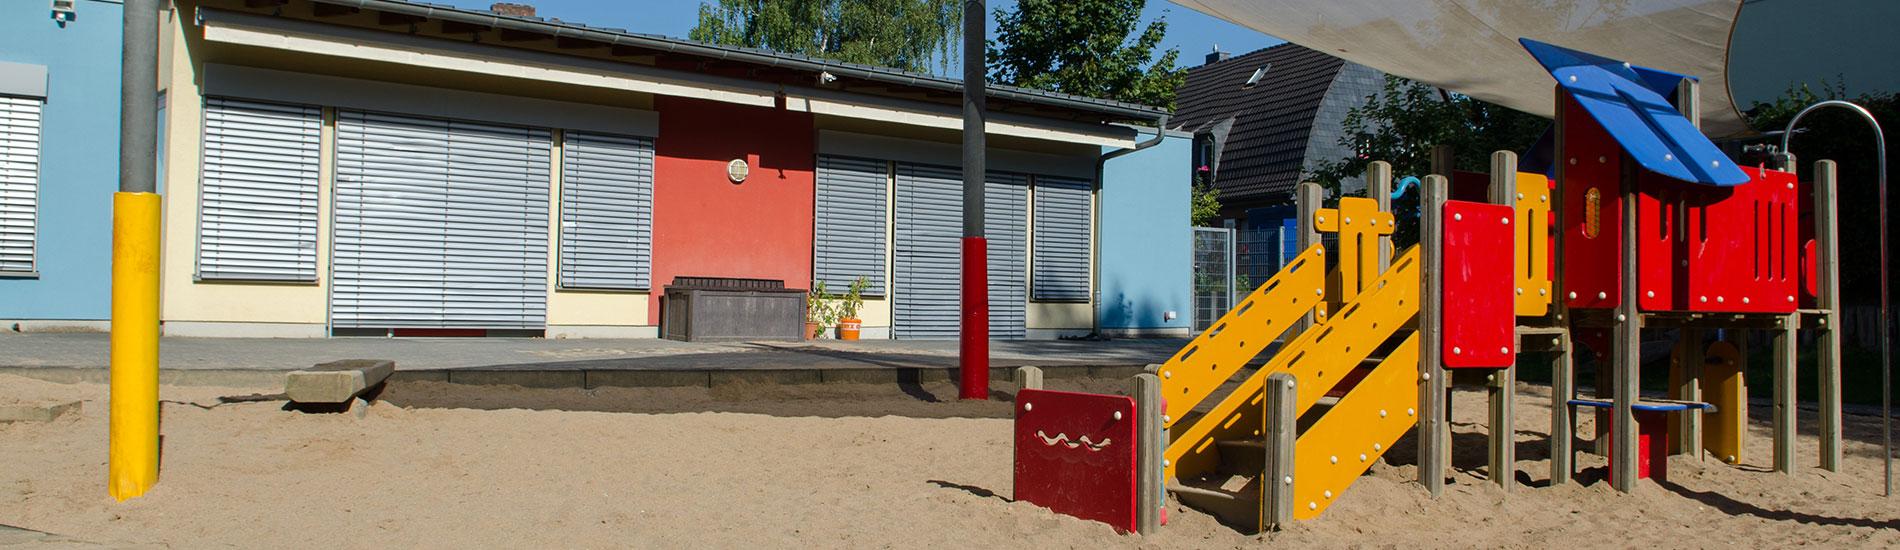 Carrusel-Slider-Spielplatz